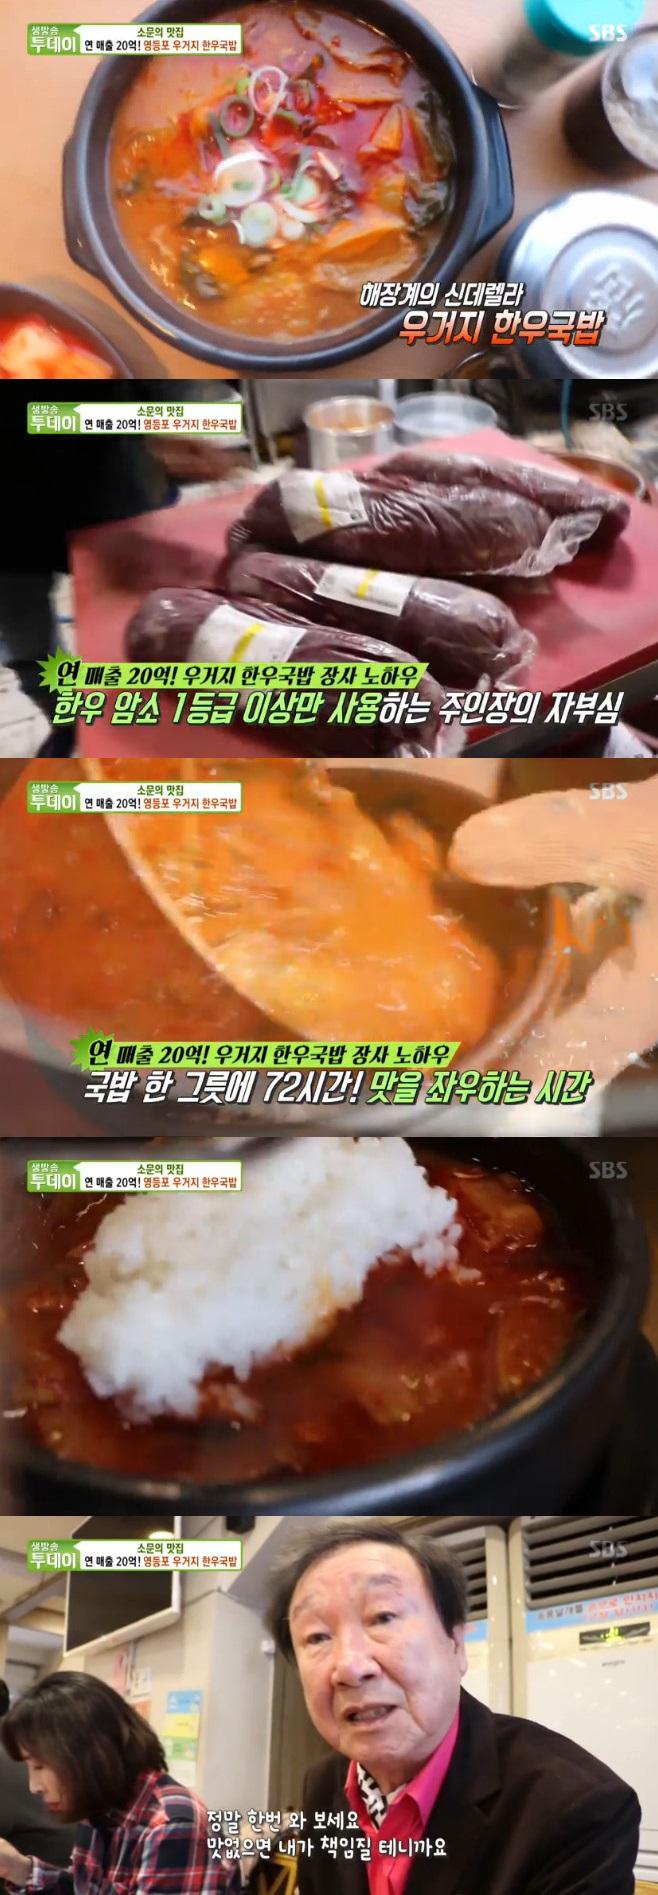 생방송 투데이, 우거지 한우국밥